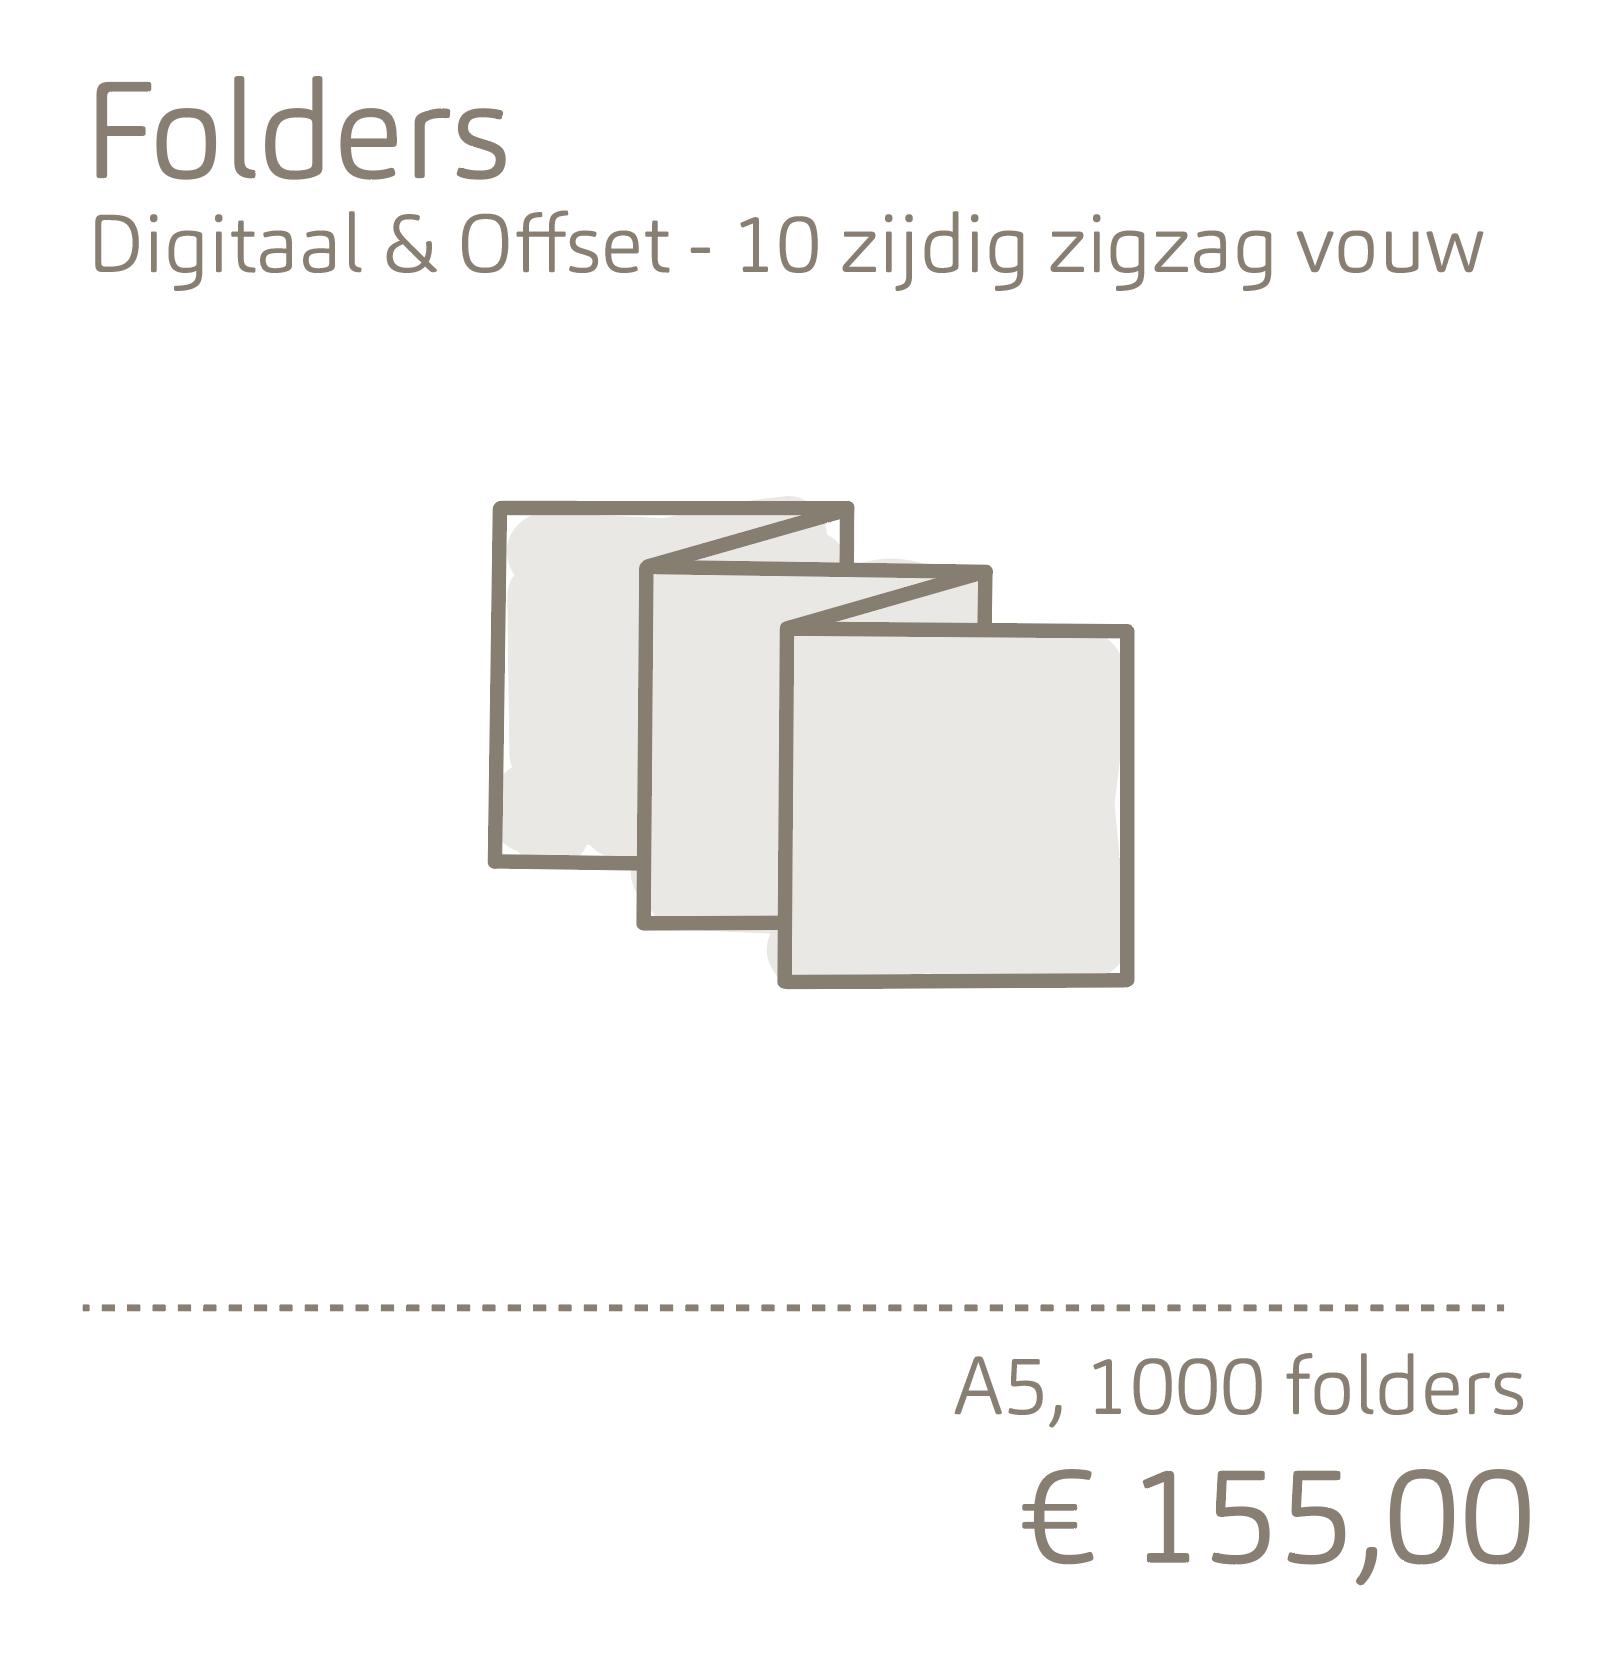 Folders - 10 zijdig zigzag vouw